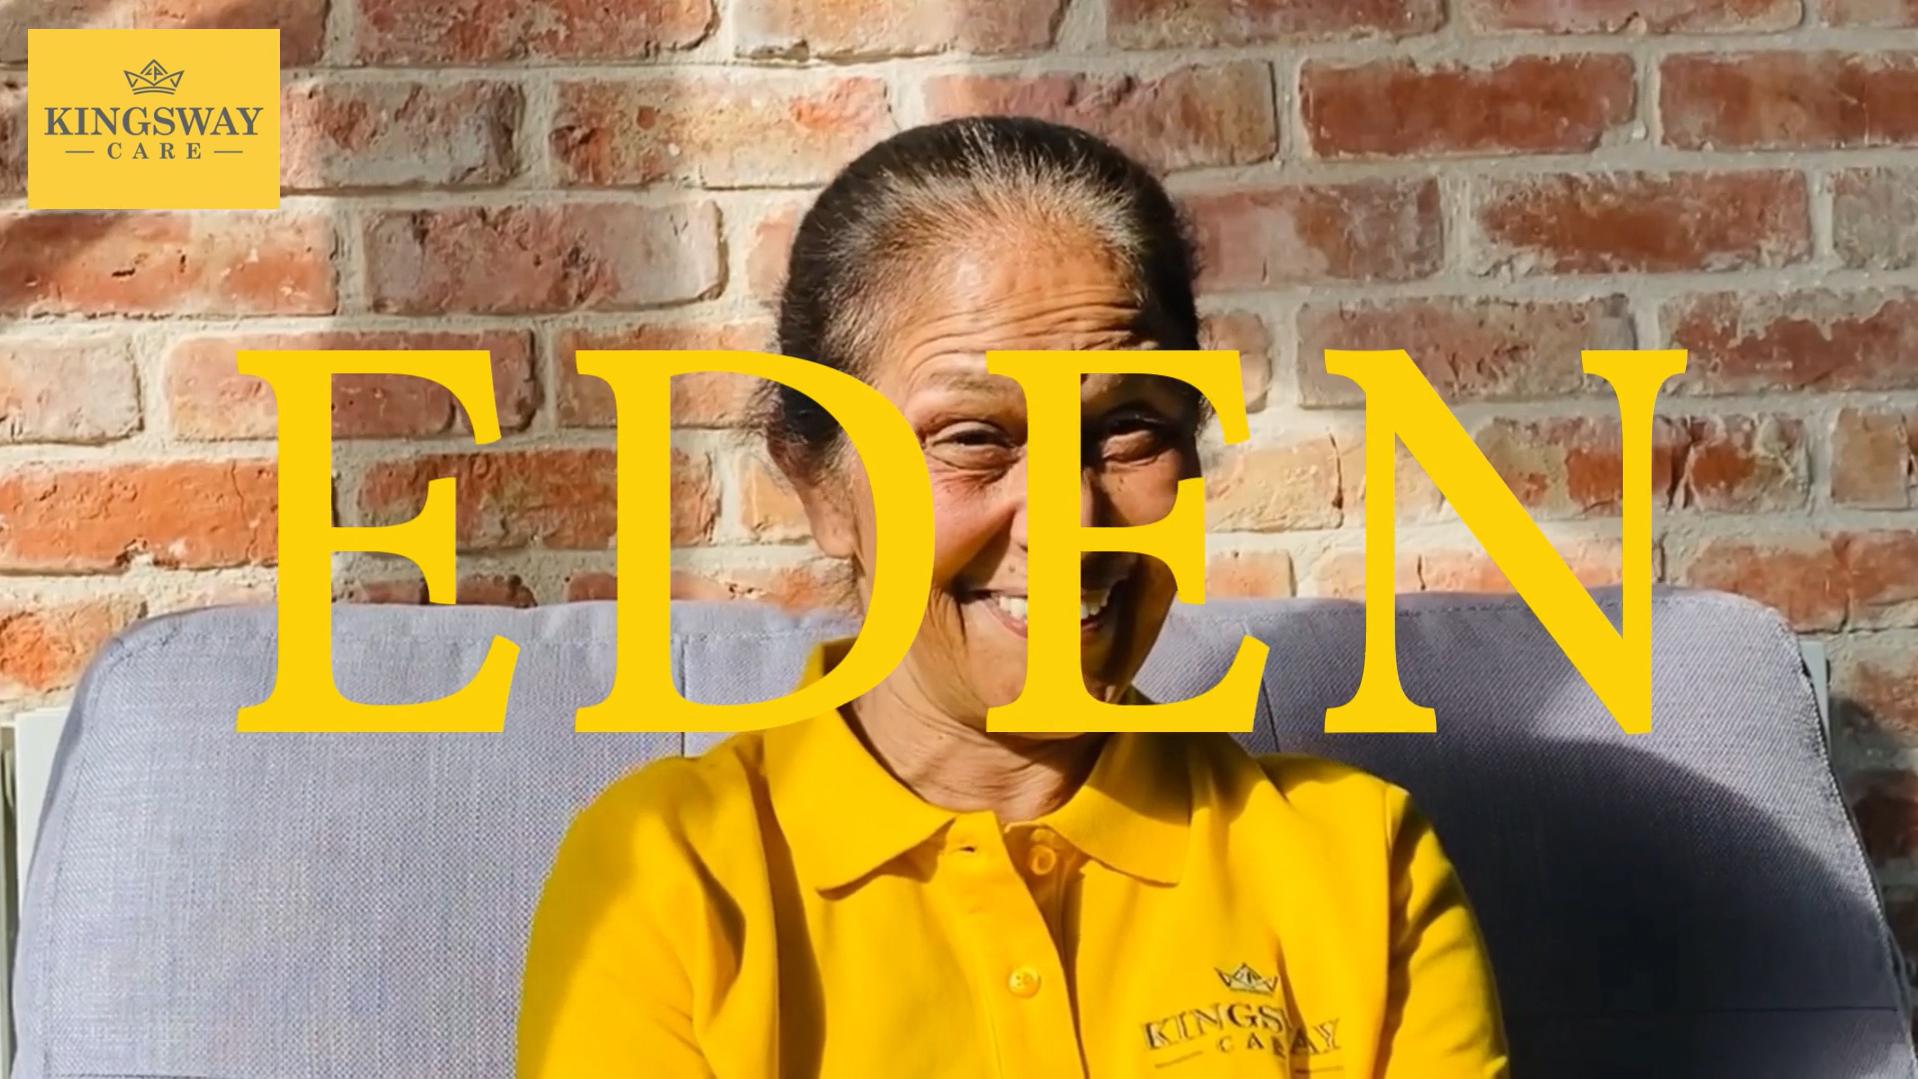 Meet Eden